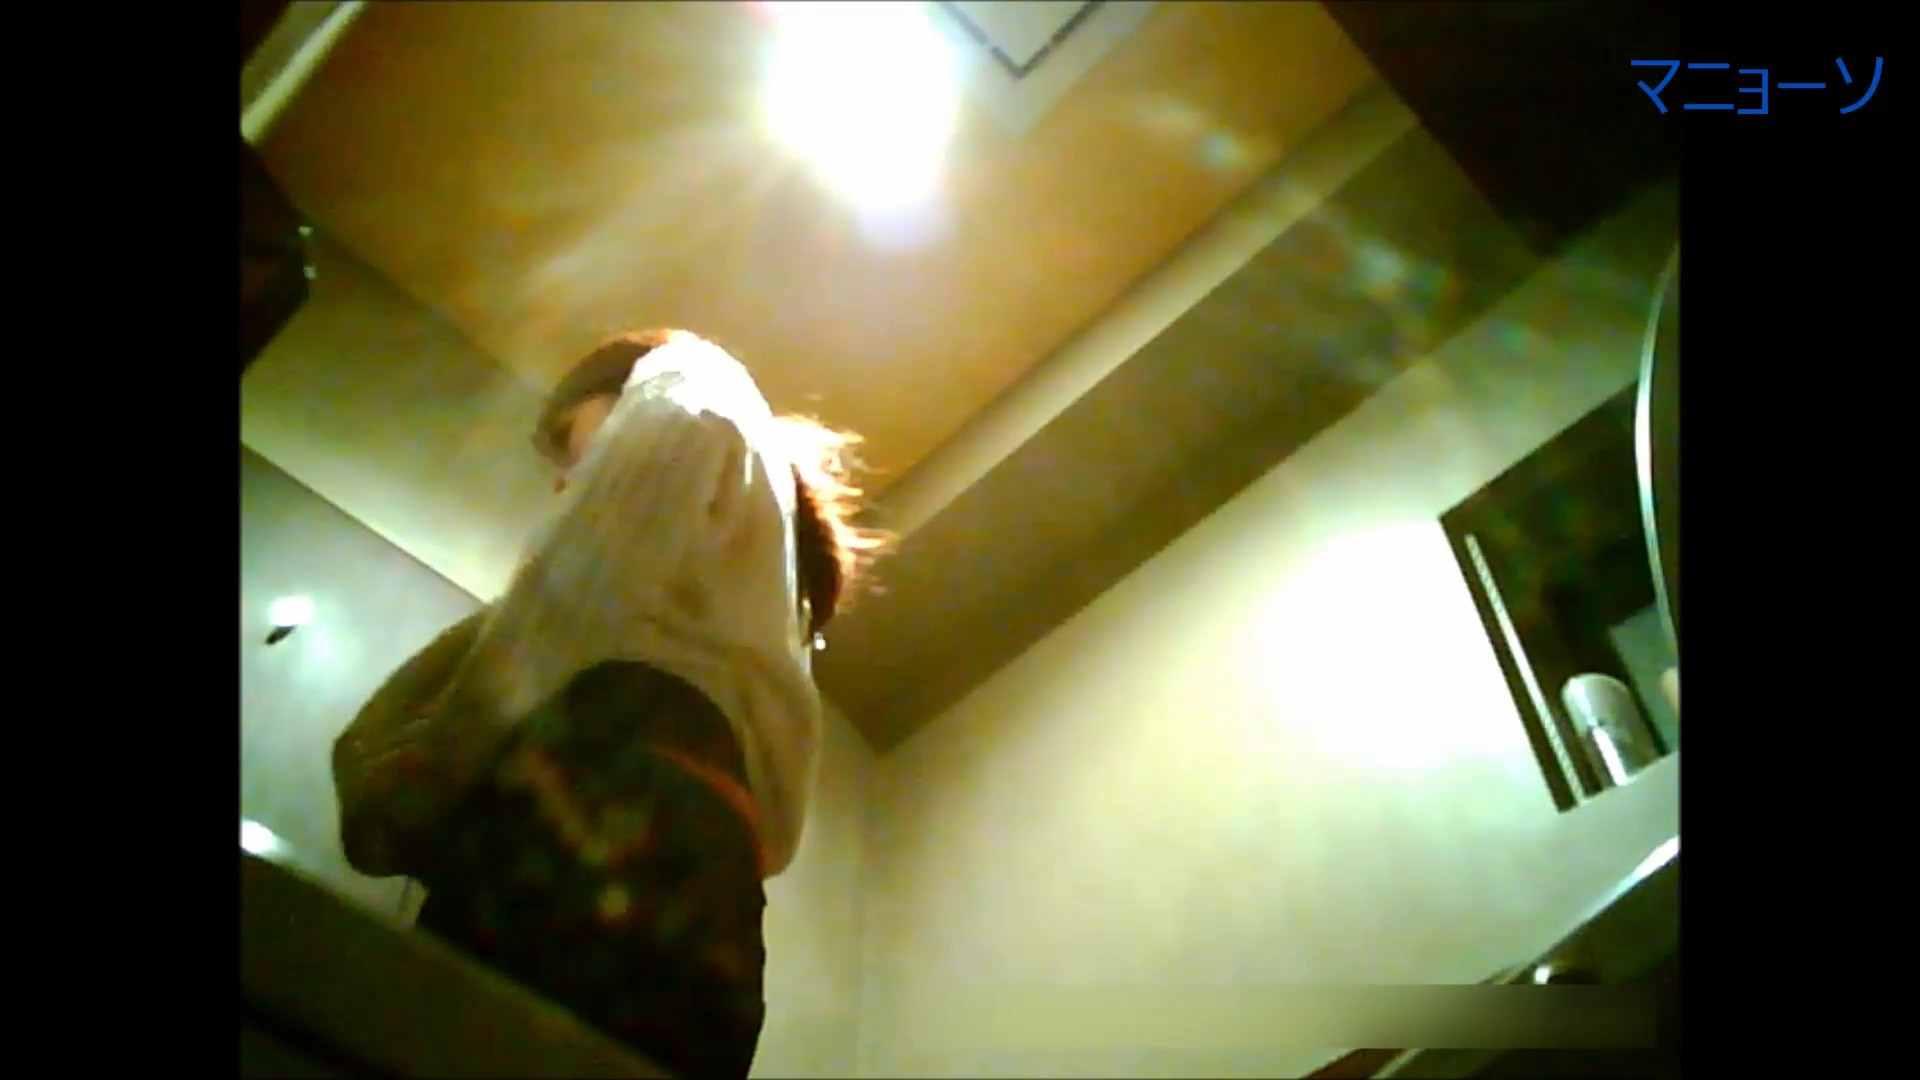 トイレでひと肌脱いでもらいました (JD編)Vol.02 トイレ | OLの実態  80pic 5